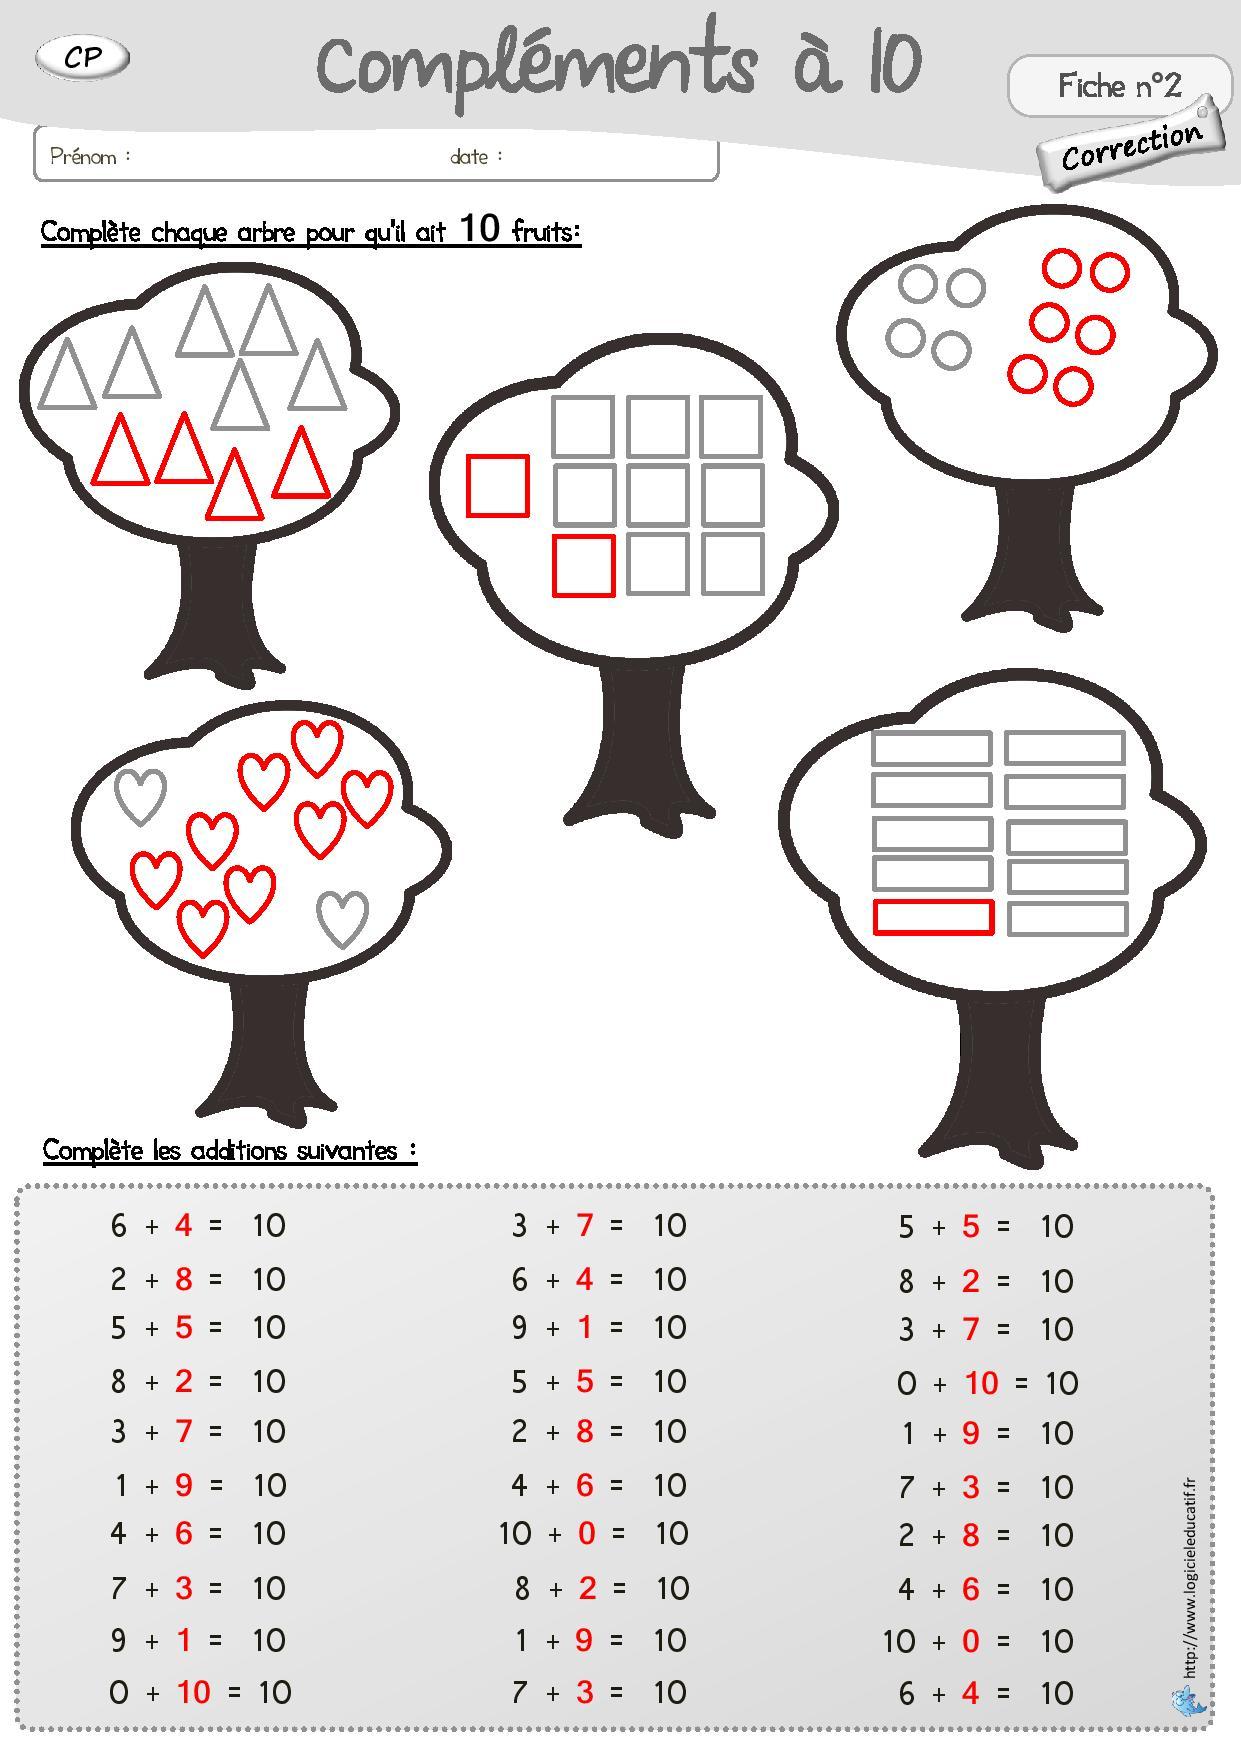 Contes Pour Enfants Fiche Maths Les Compléments De 10 À Lire tout Exercice Ludique